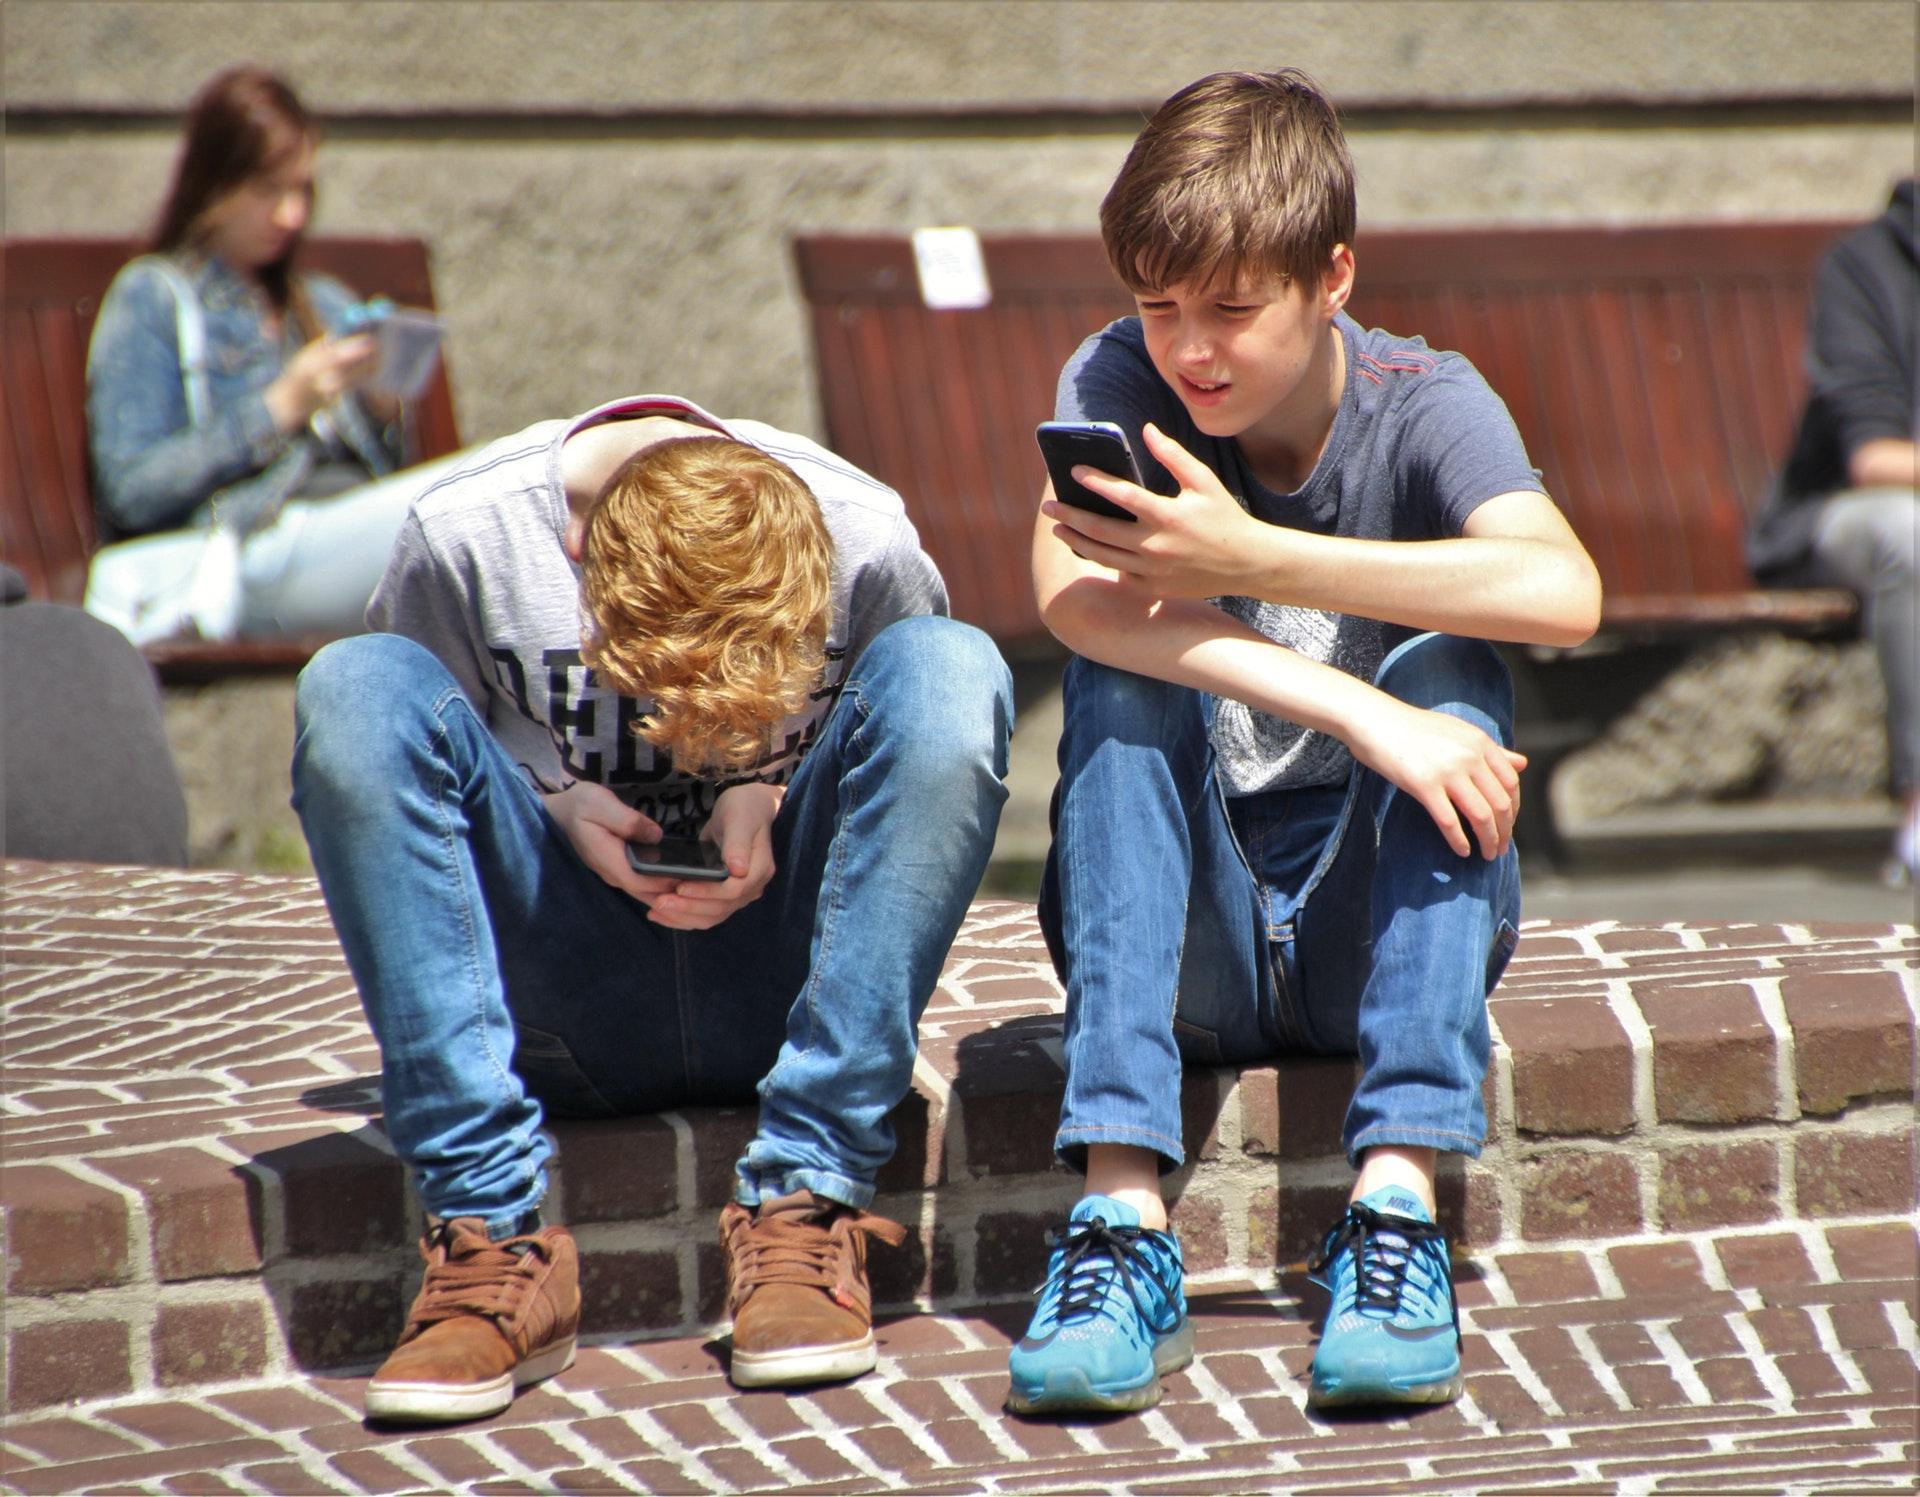 Învață să limitezi tehnologia în viața copilului tău